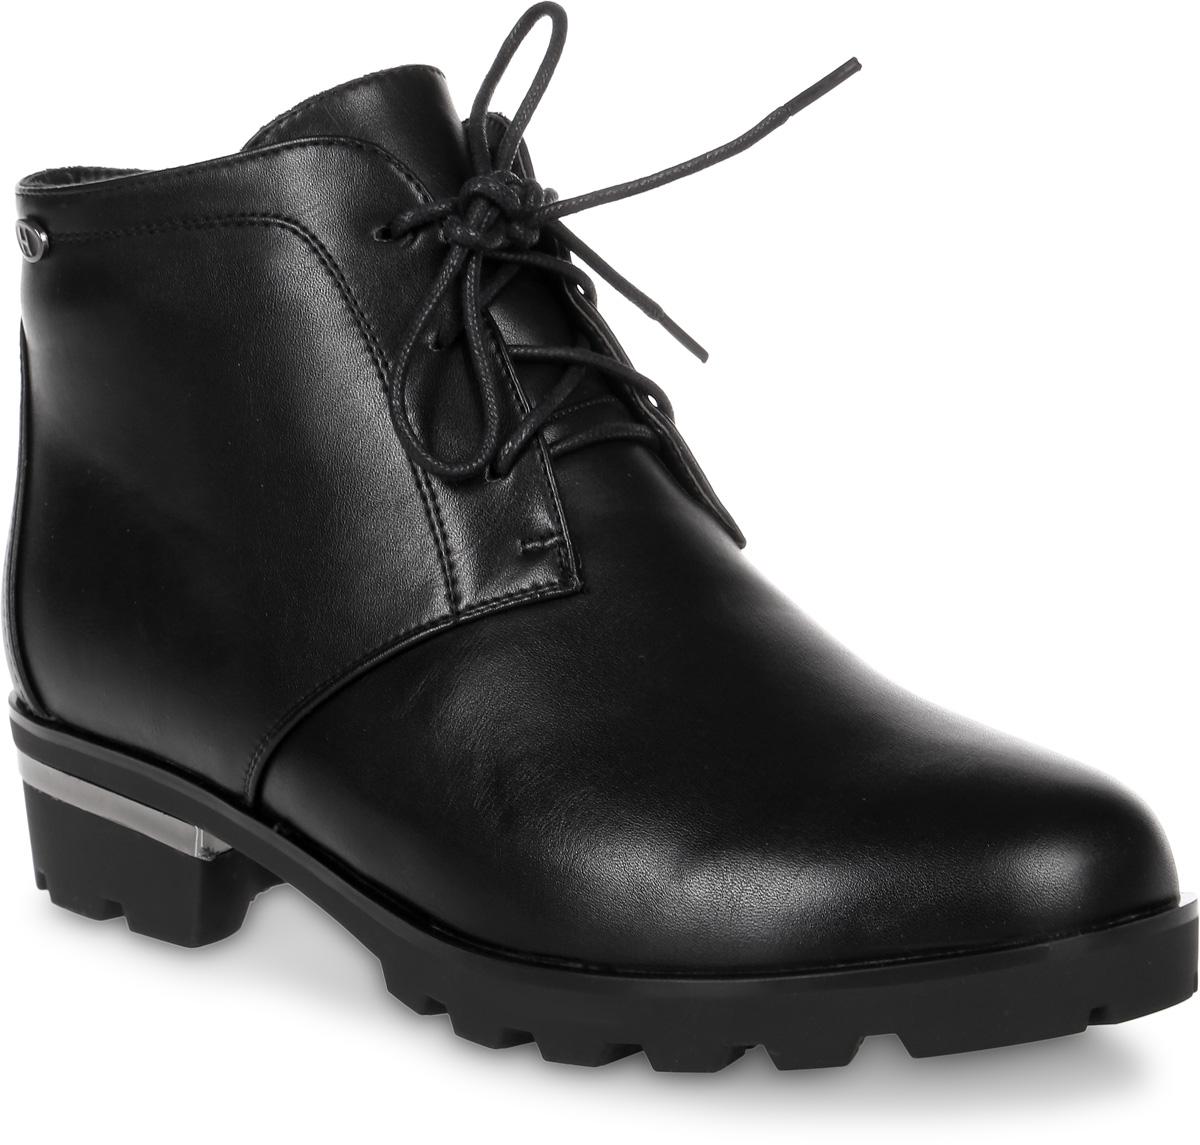 Ботинки женские Daze, цвет: черный. 16106Z-1-1M. Размер 3916106Z-1-1MЖенские ботинки от Daze выполнены из искусственной кожи. Модель на классической шнуровке, боковая сторона дополнена застежкой-молнией. Подкладка и стелька изготовлены из искусственного меха. Каблук декорирован металлической вставкой. Резиновая подошва оснащена протектором.